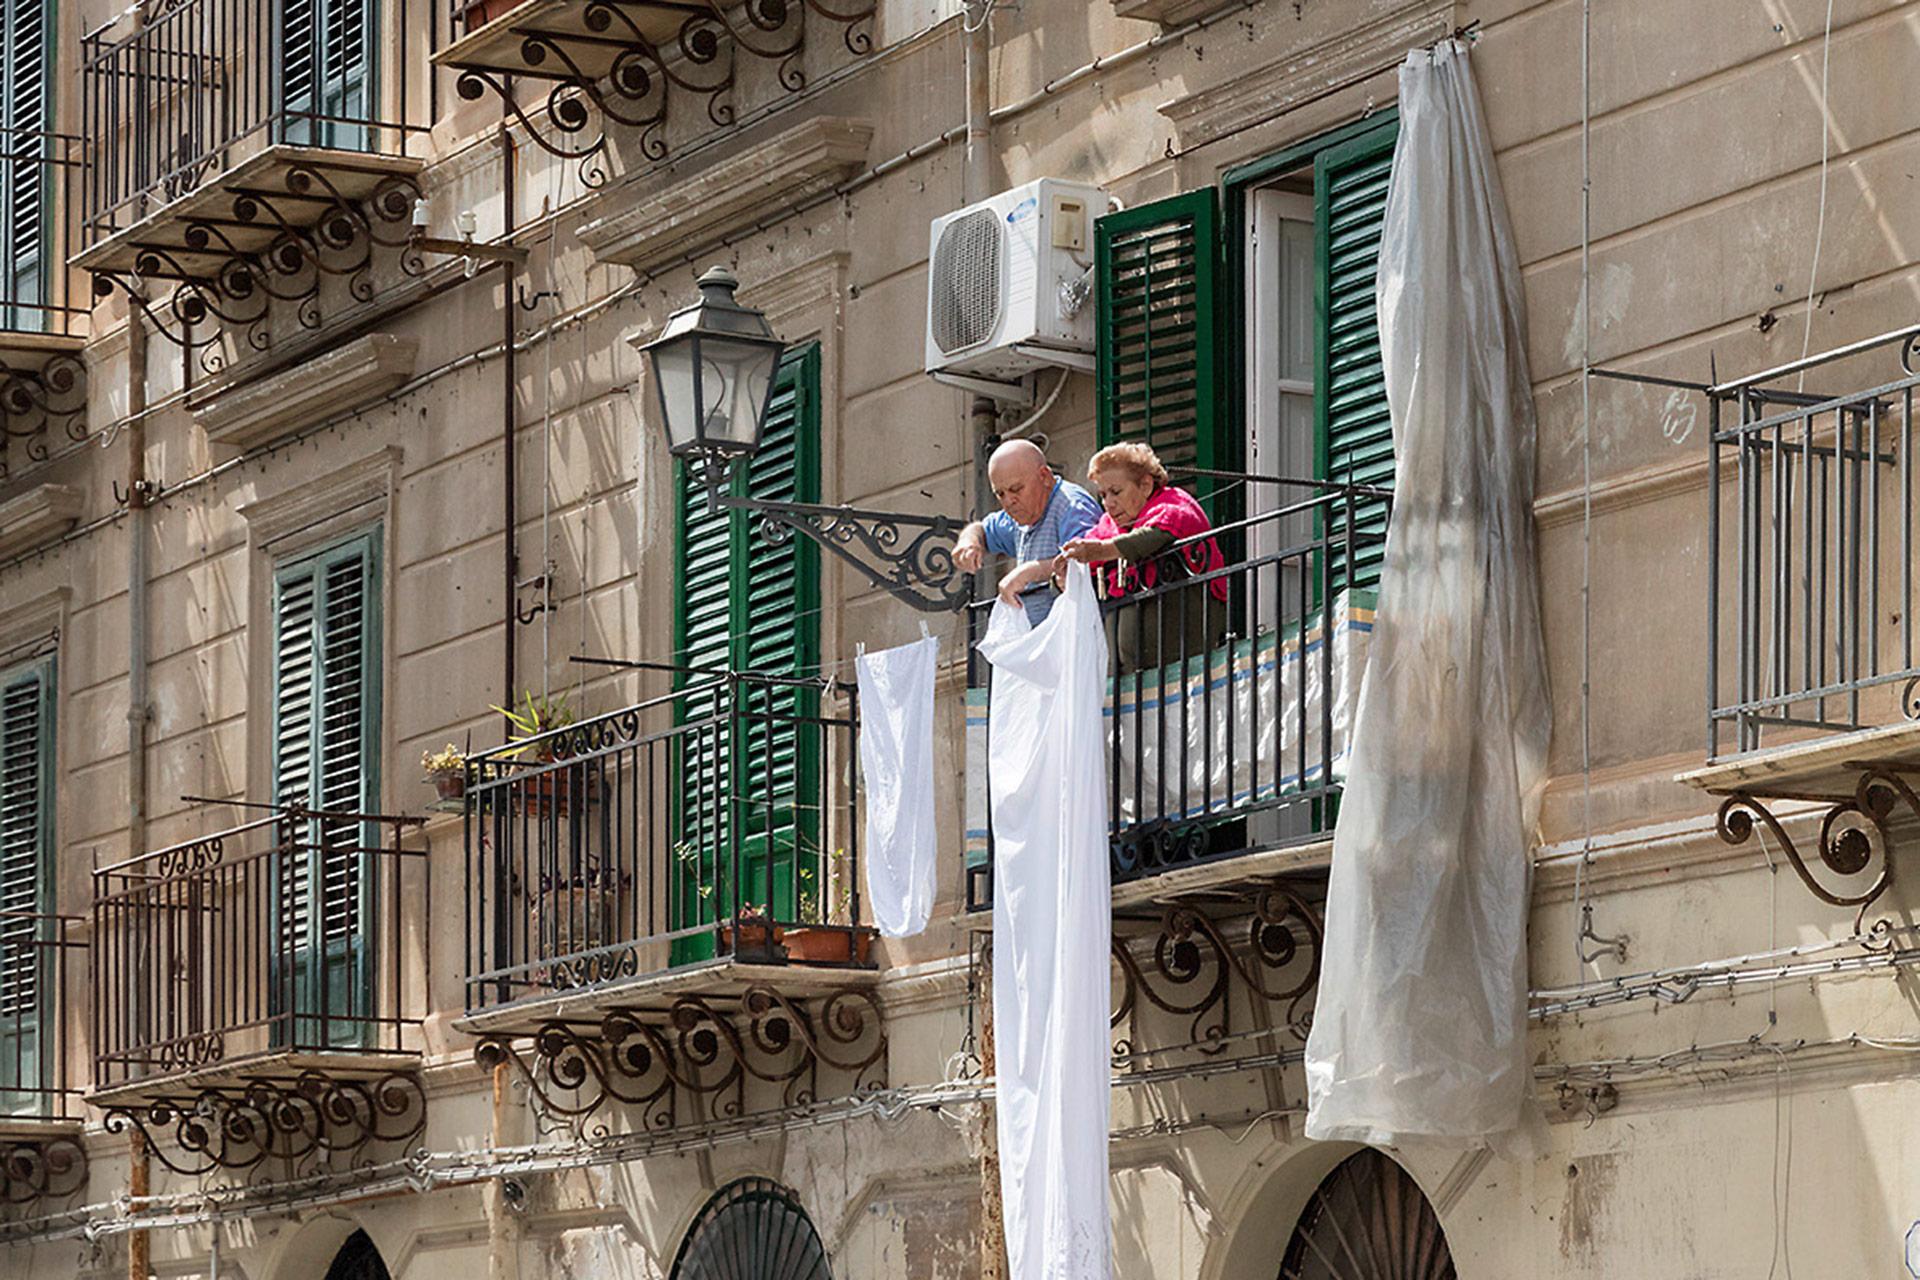 Sizilienurlaub   Stadtapartment in Palermo – FERIEN AUF SIZILIEN